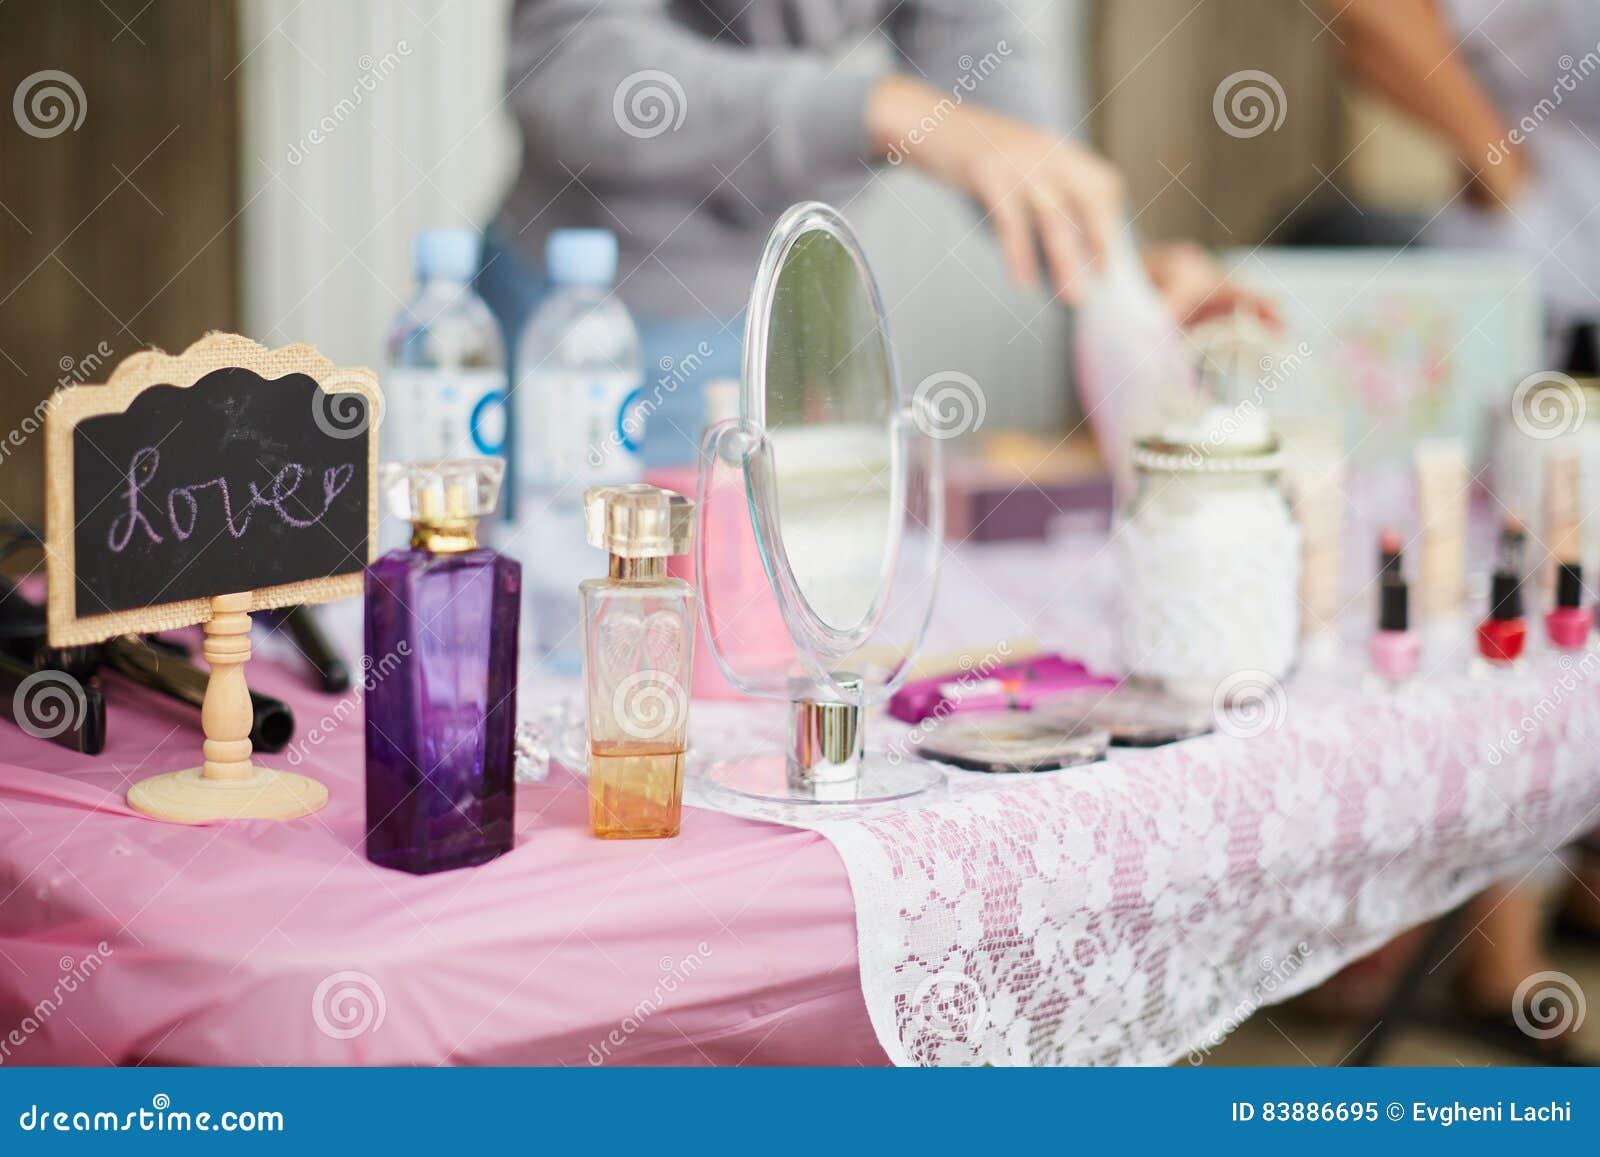 Cute Feminine Stuff On Pink Table.